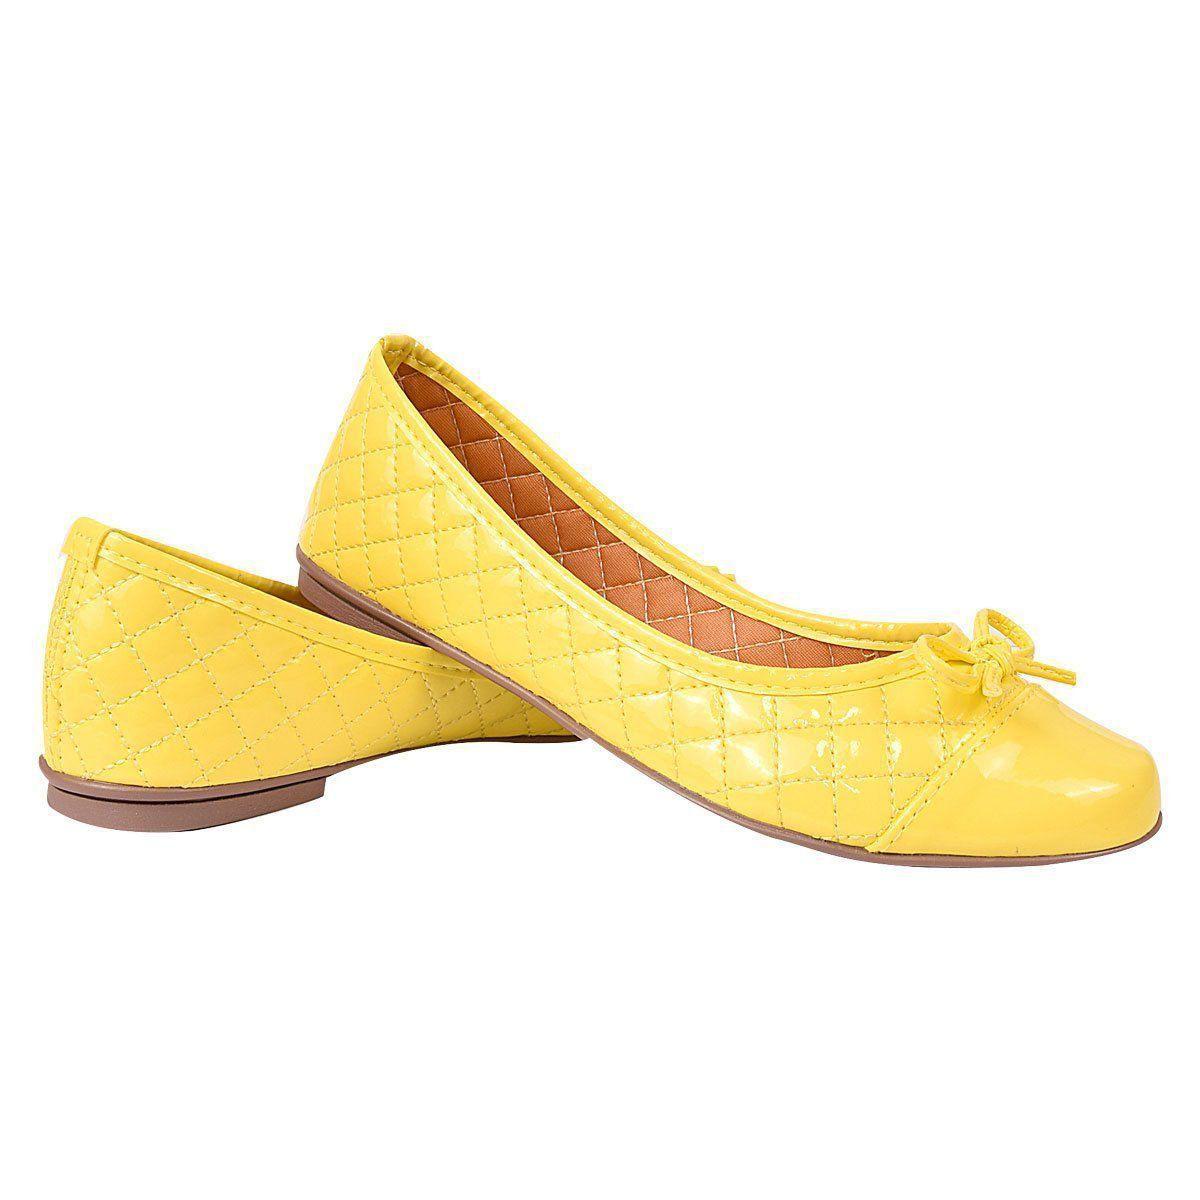 Sapatilha Chiquiteira Bico Redondo Laço Verniz Amarelo WAG